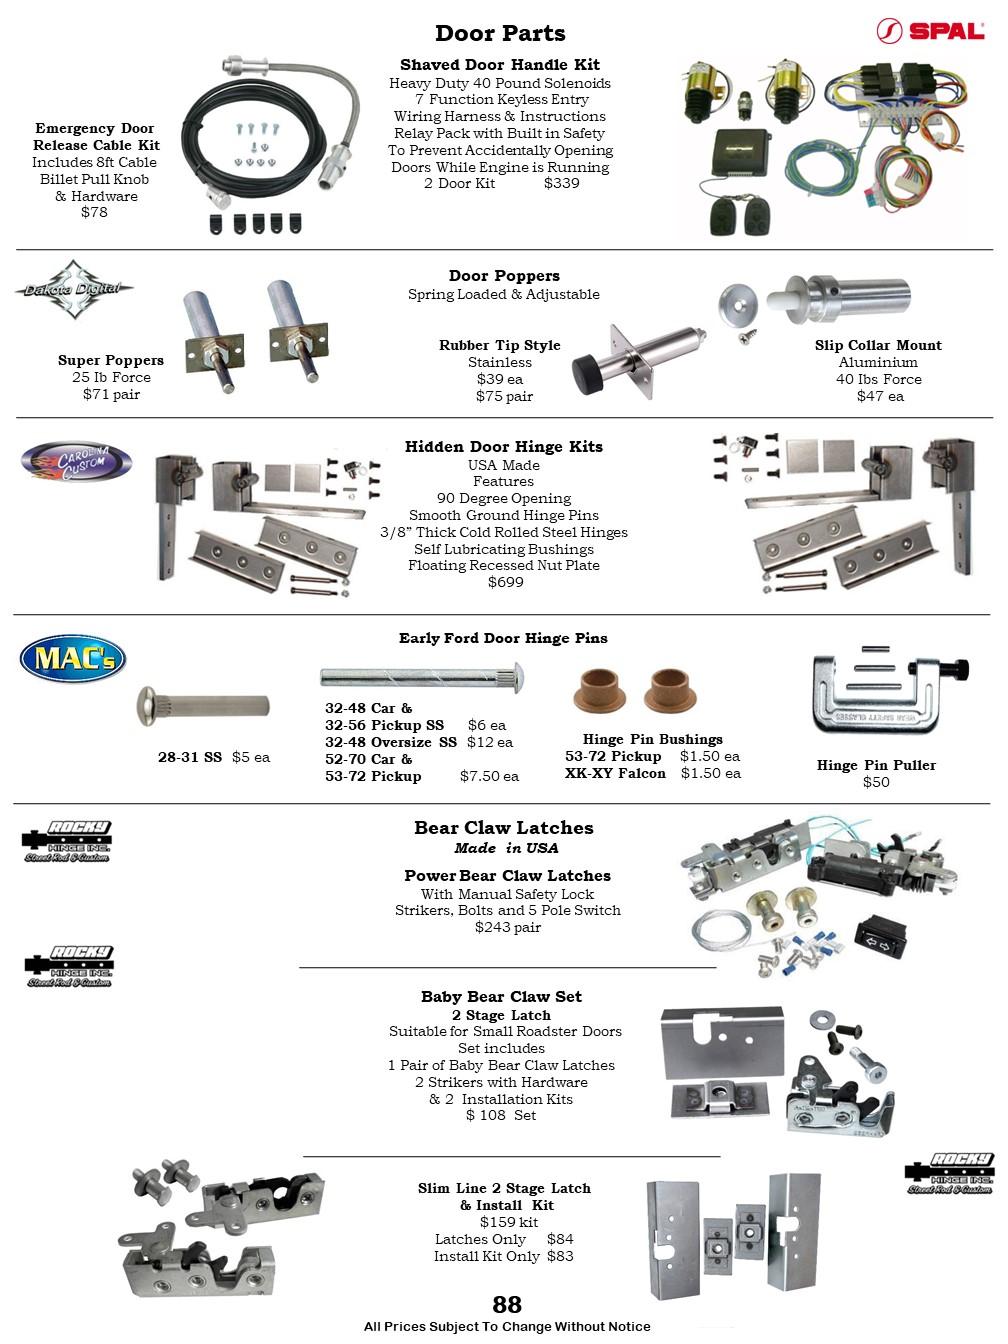 Car Door Parts Shaved Door Handle Kit Door Poppers Bear